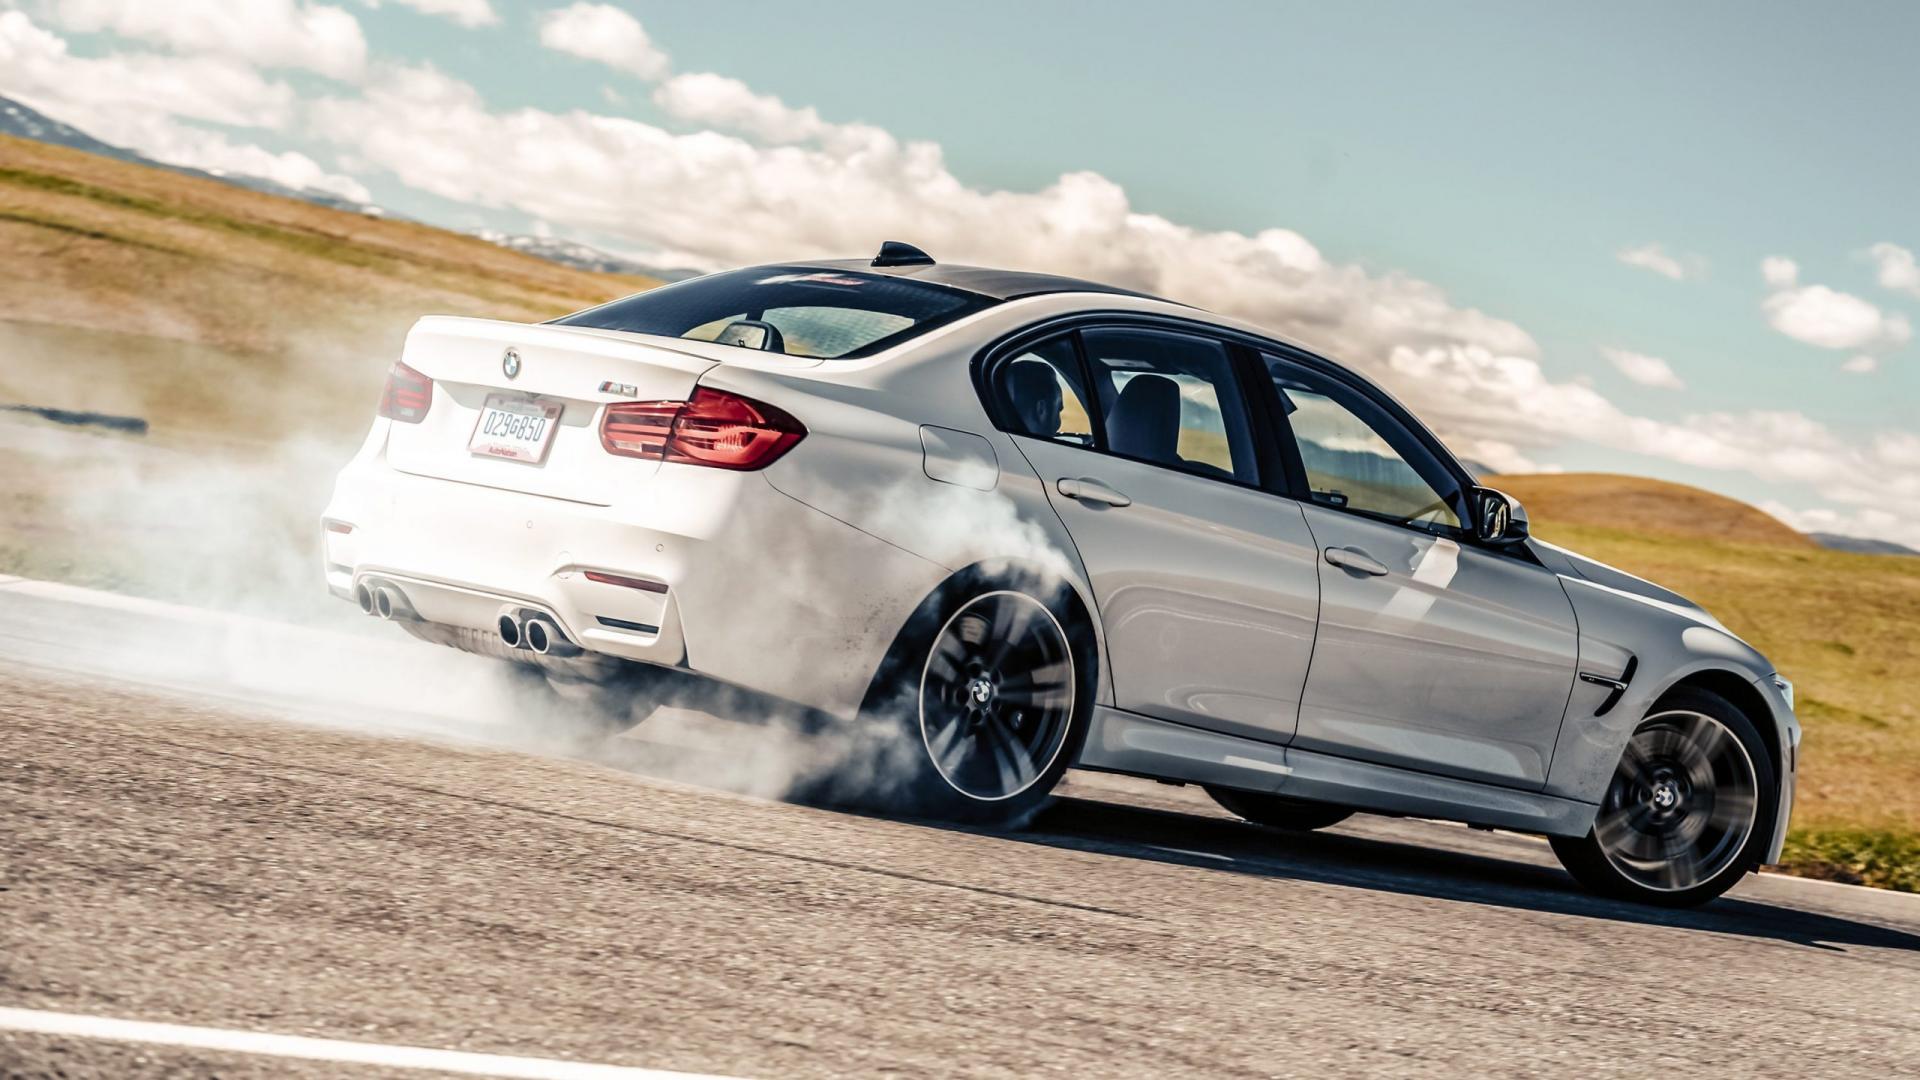 BMW M3 Drift rook